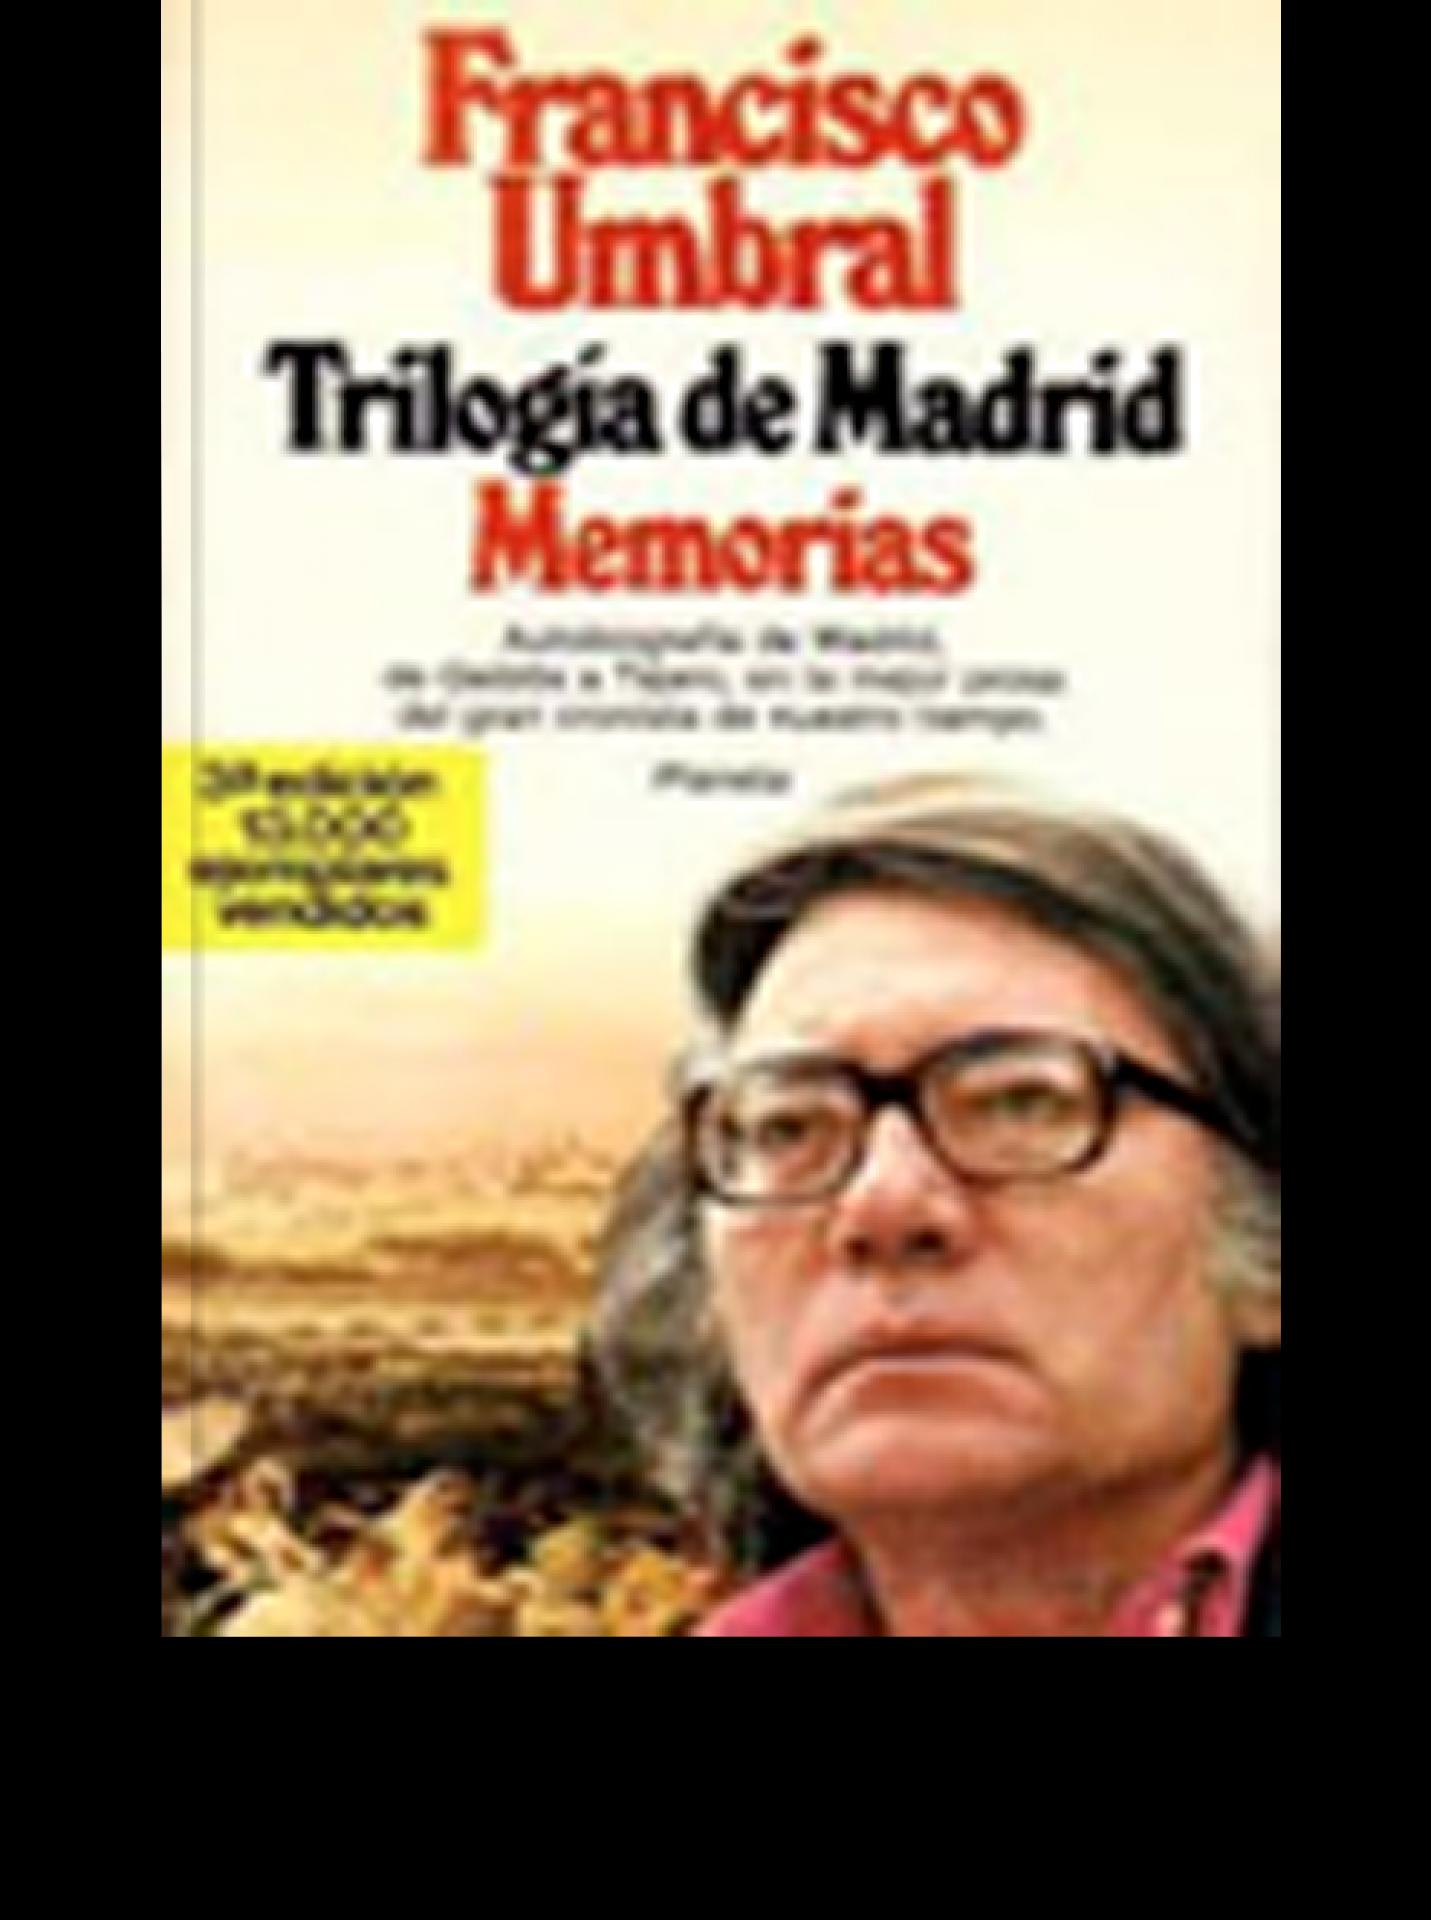 Trilogía de Madrid